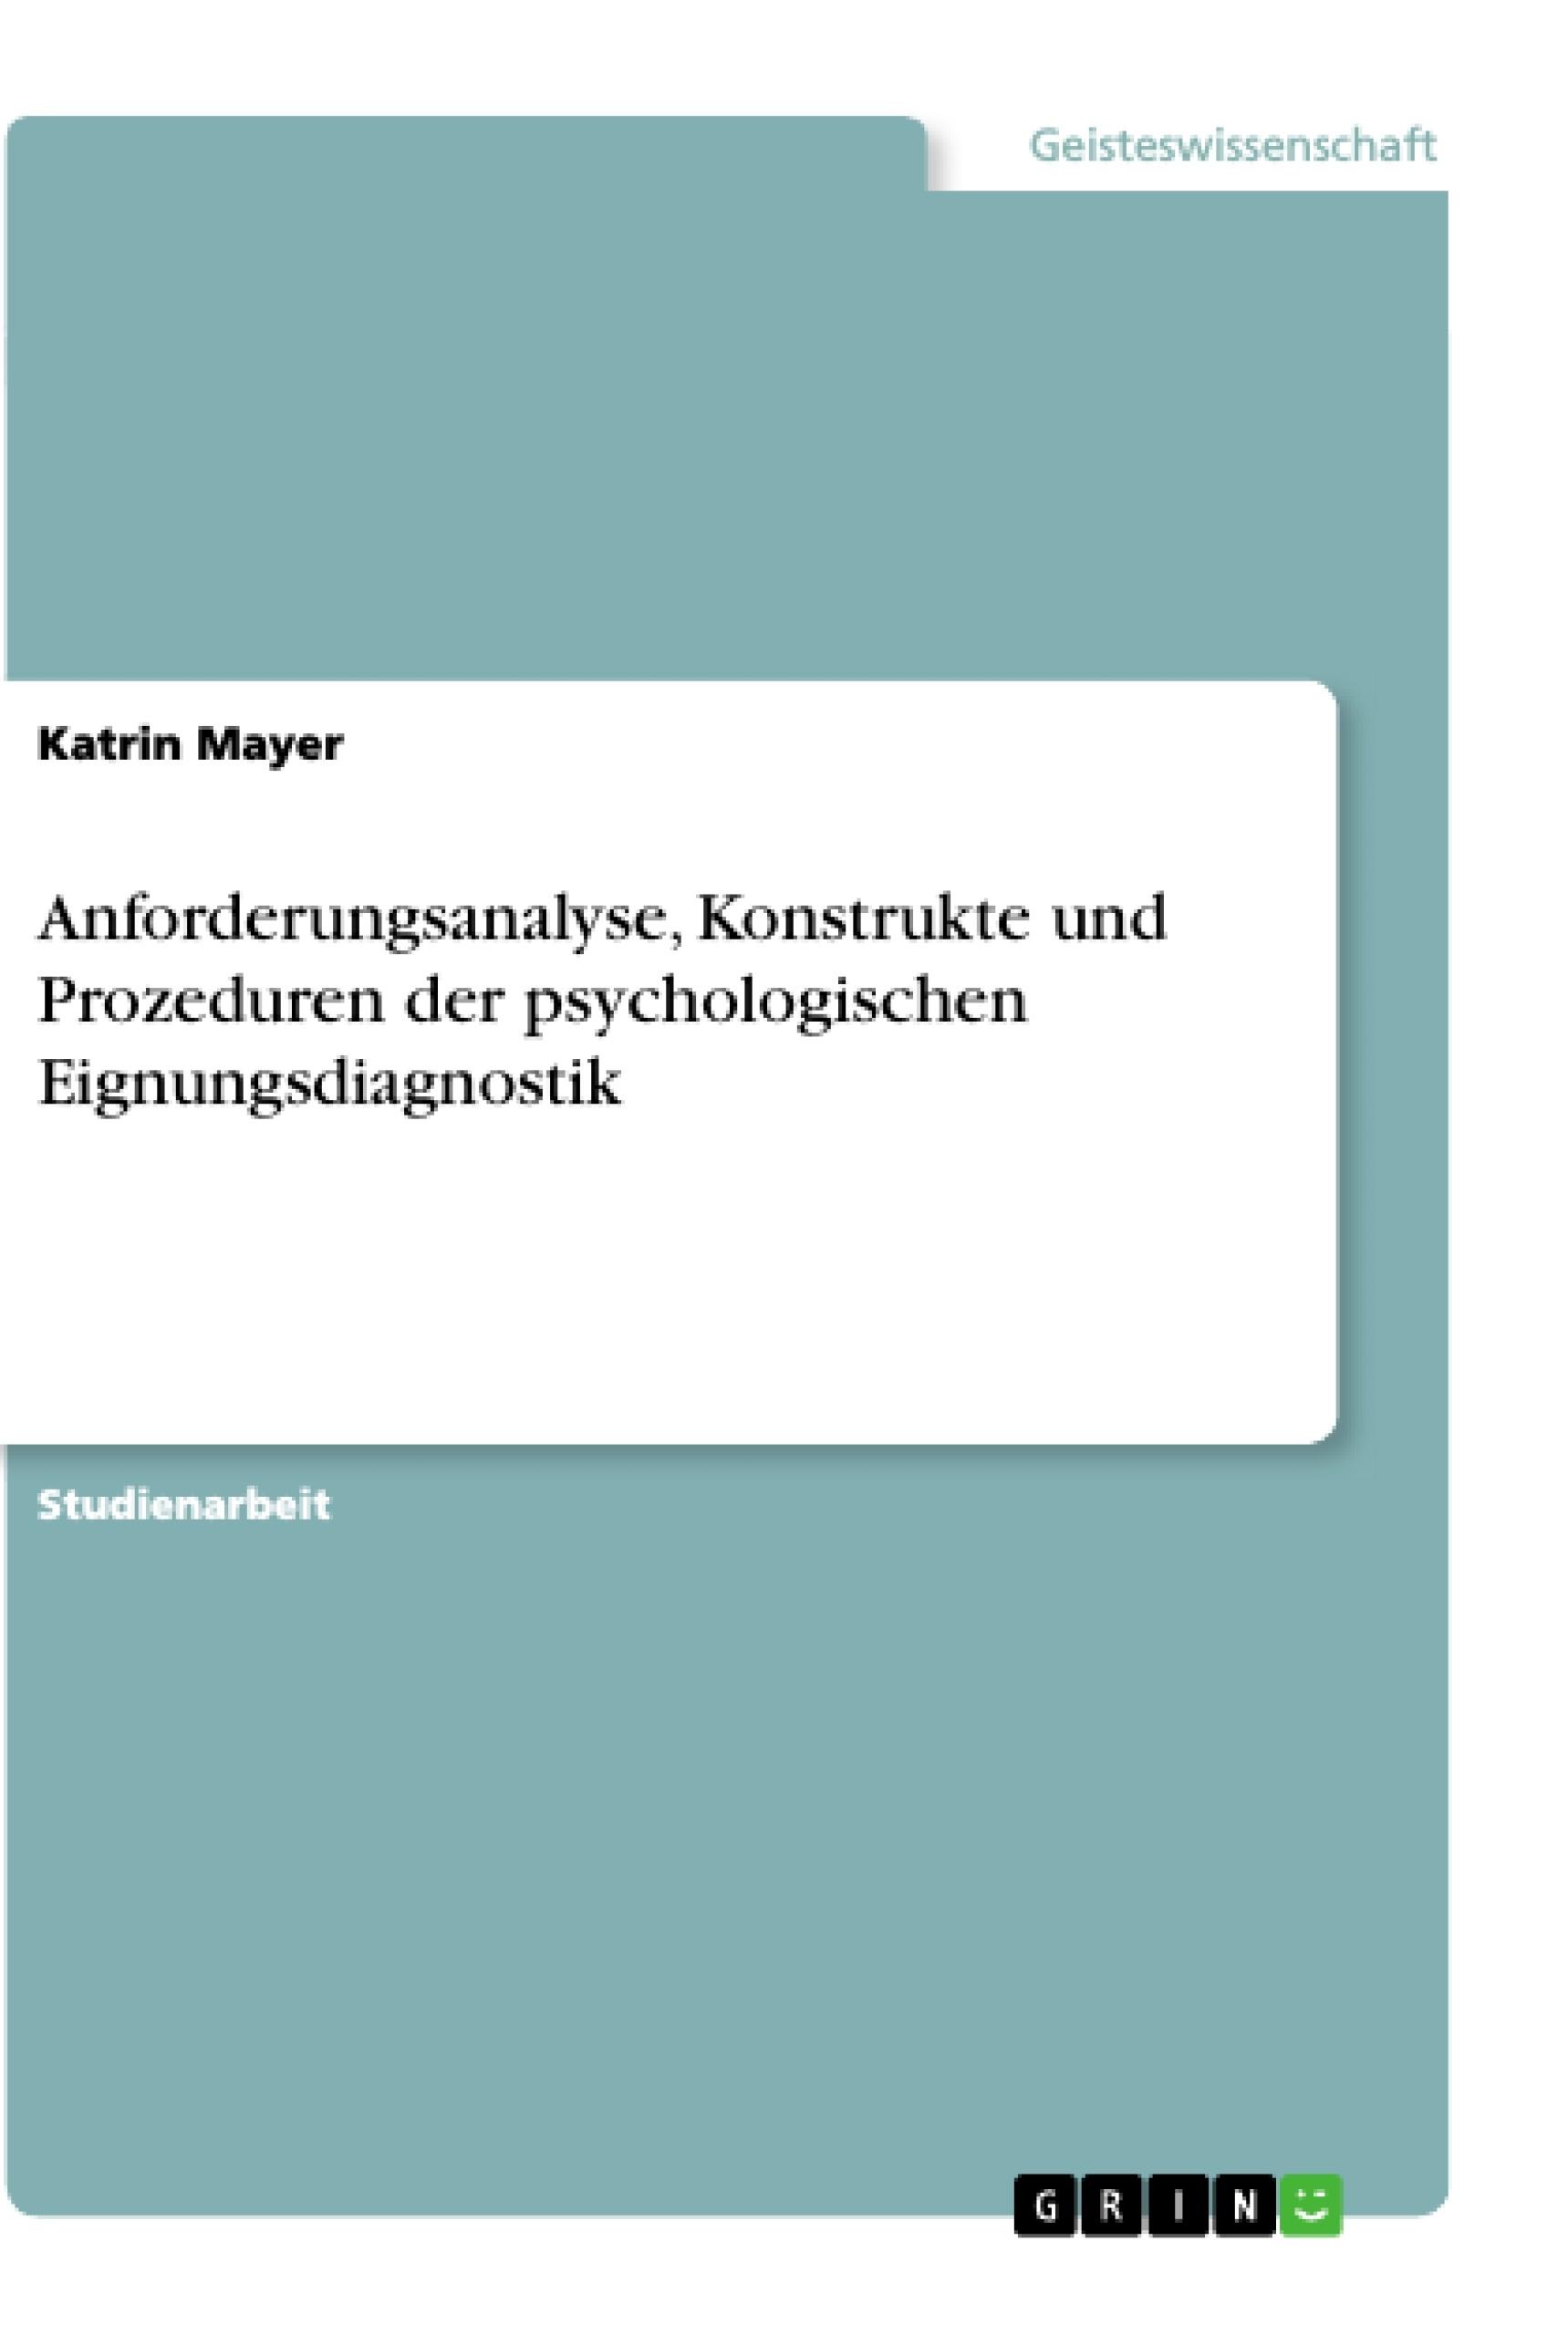 Titel: Anforderungsanalyse, Konstrukte und Prozeduren der psychologischen Eignungsdiagnostik